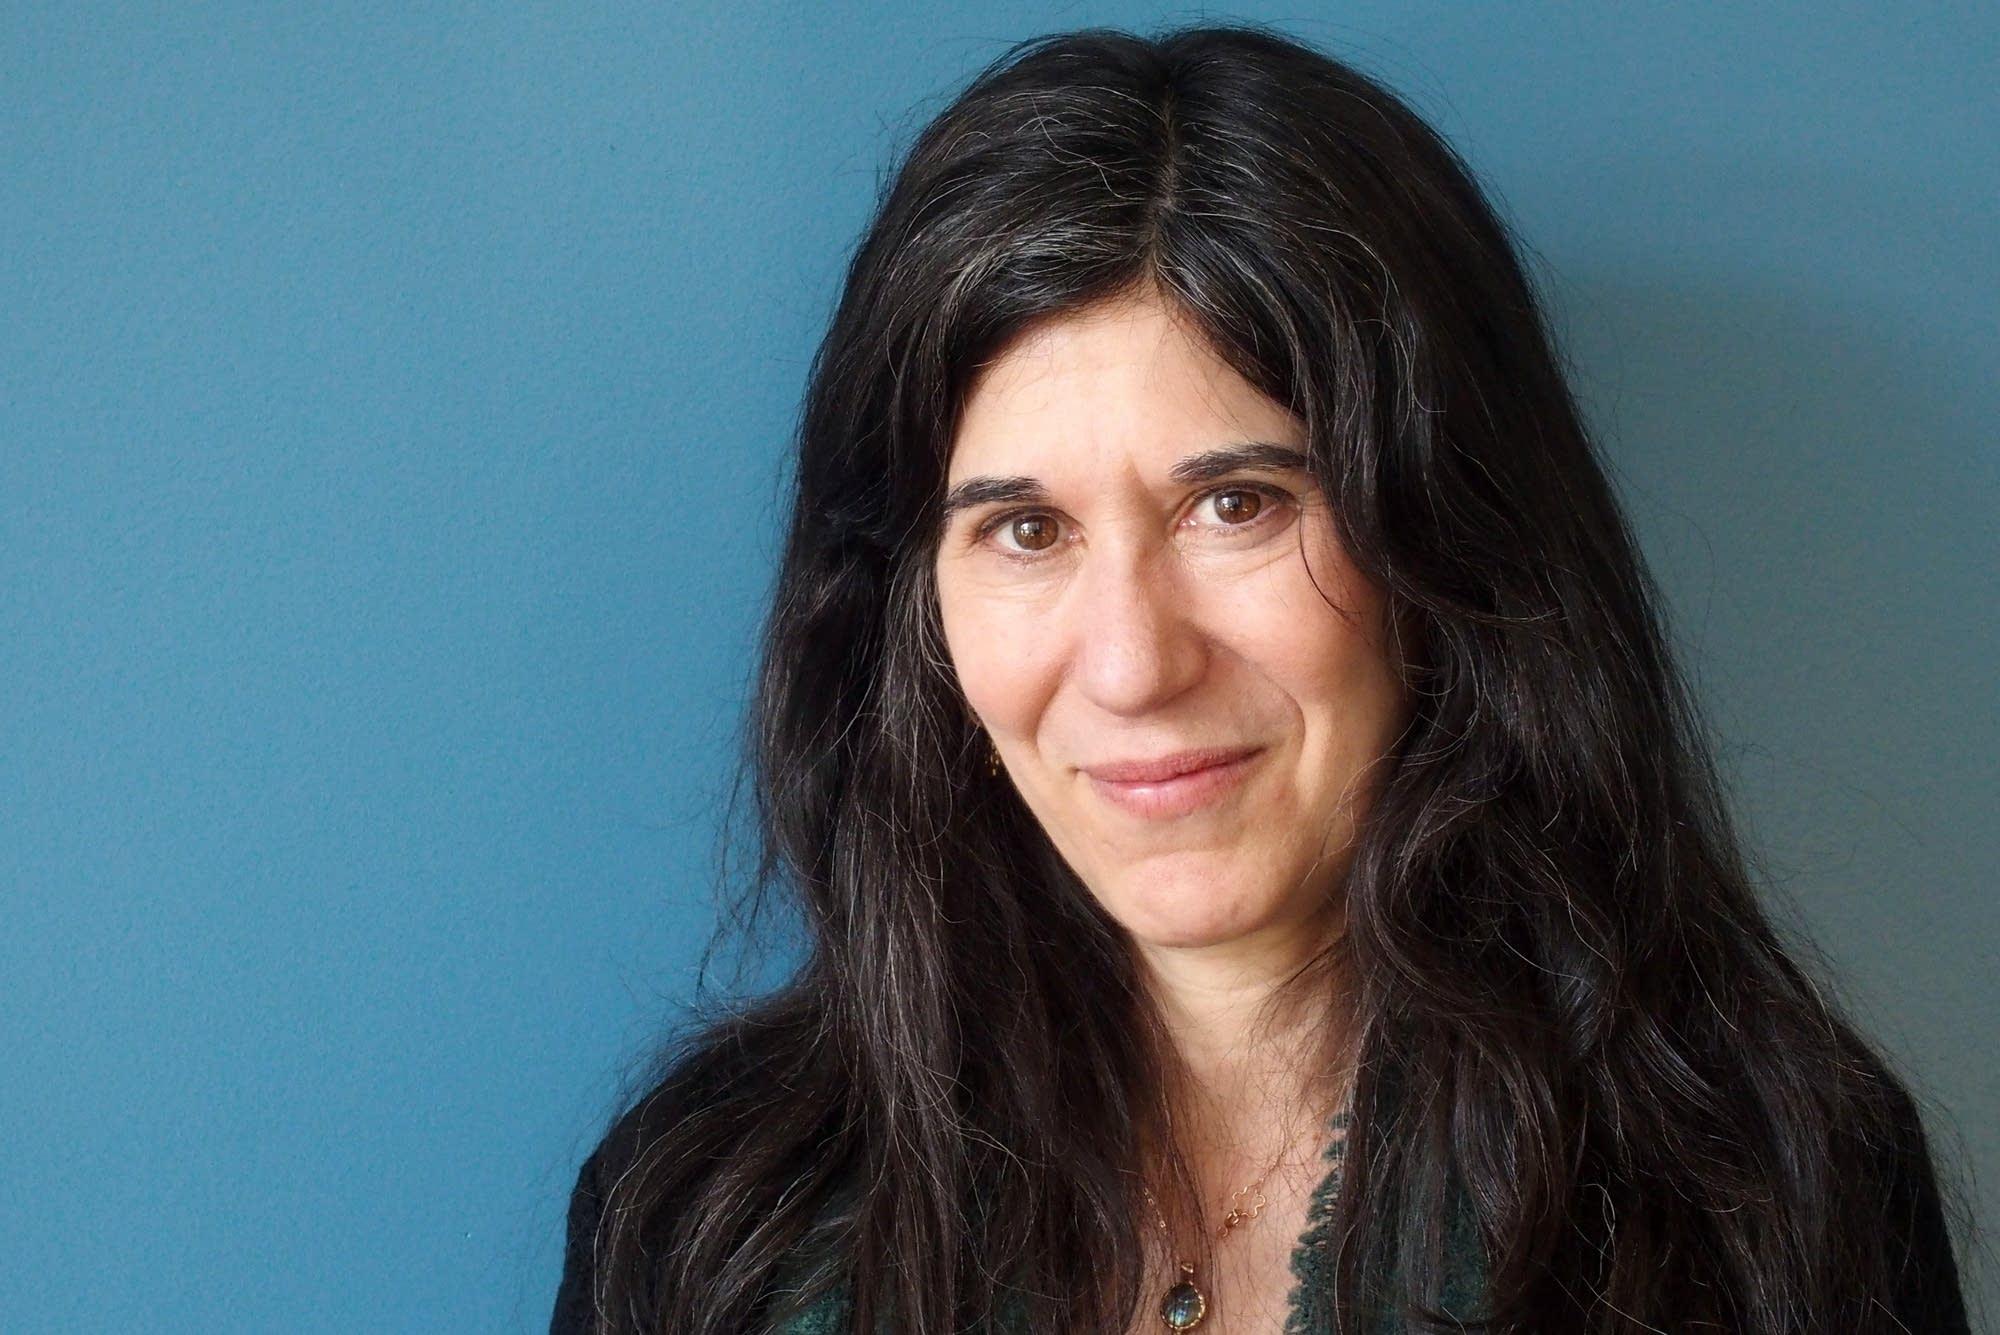 Director and screenwriter Debra Granik